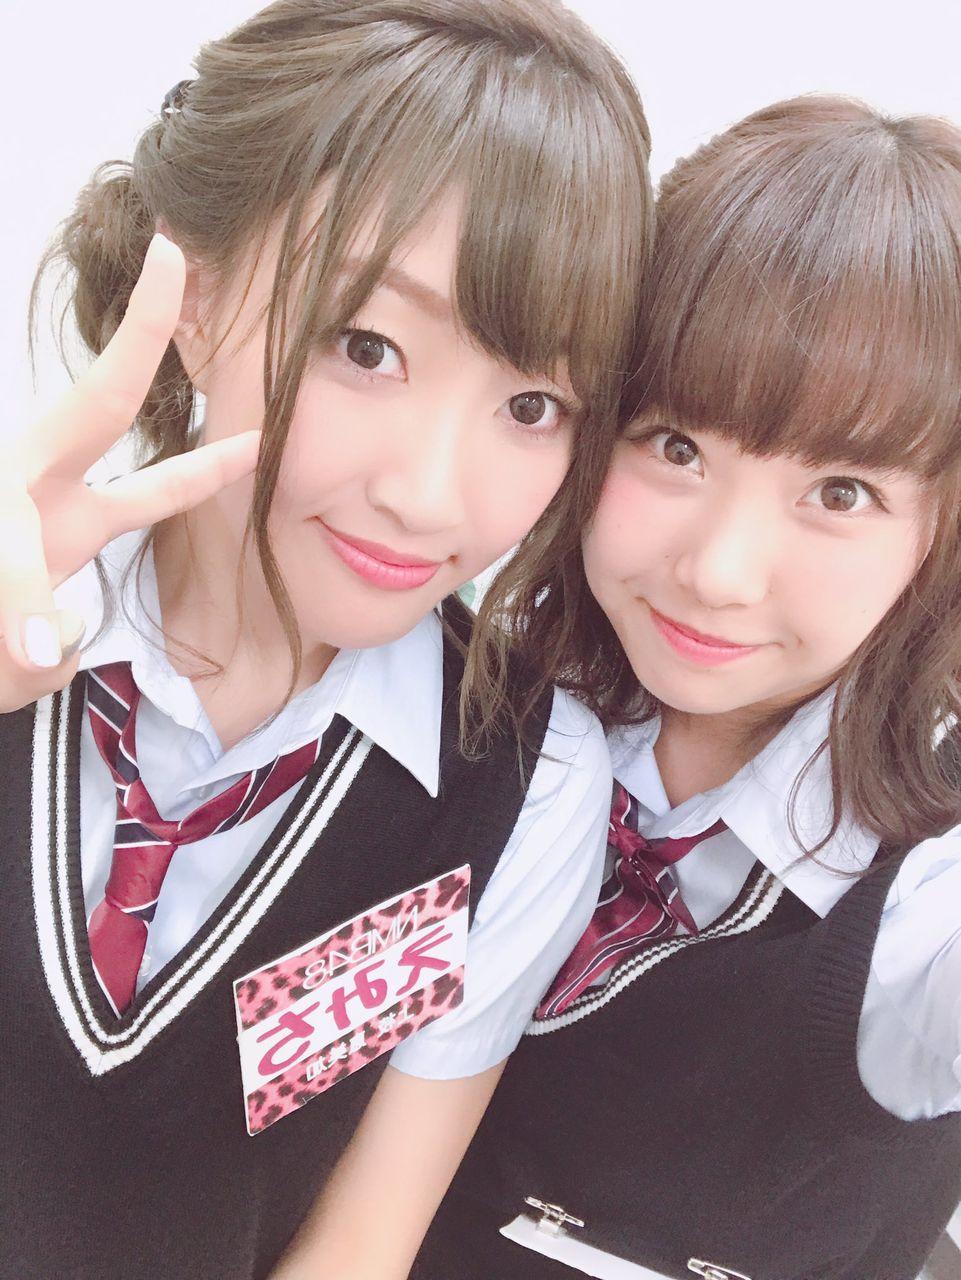 【NMB48】ラジオ #unlimi 上枝恵美加の後継に加藤夕夏キタ━━━━(゚∀゚)━━━━!!